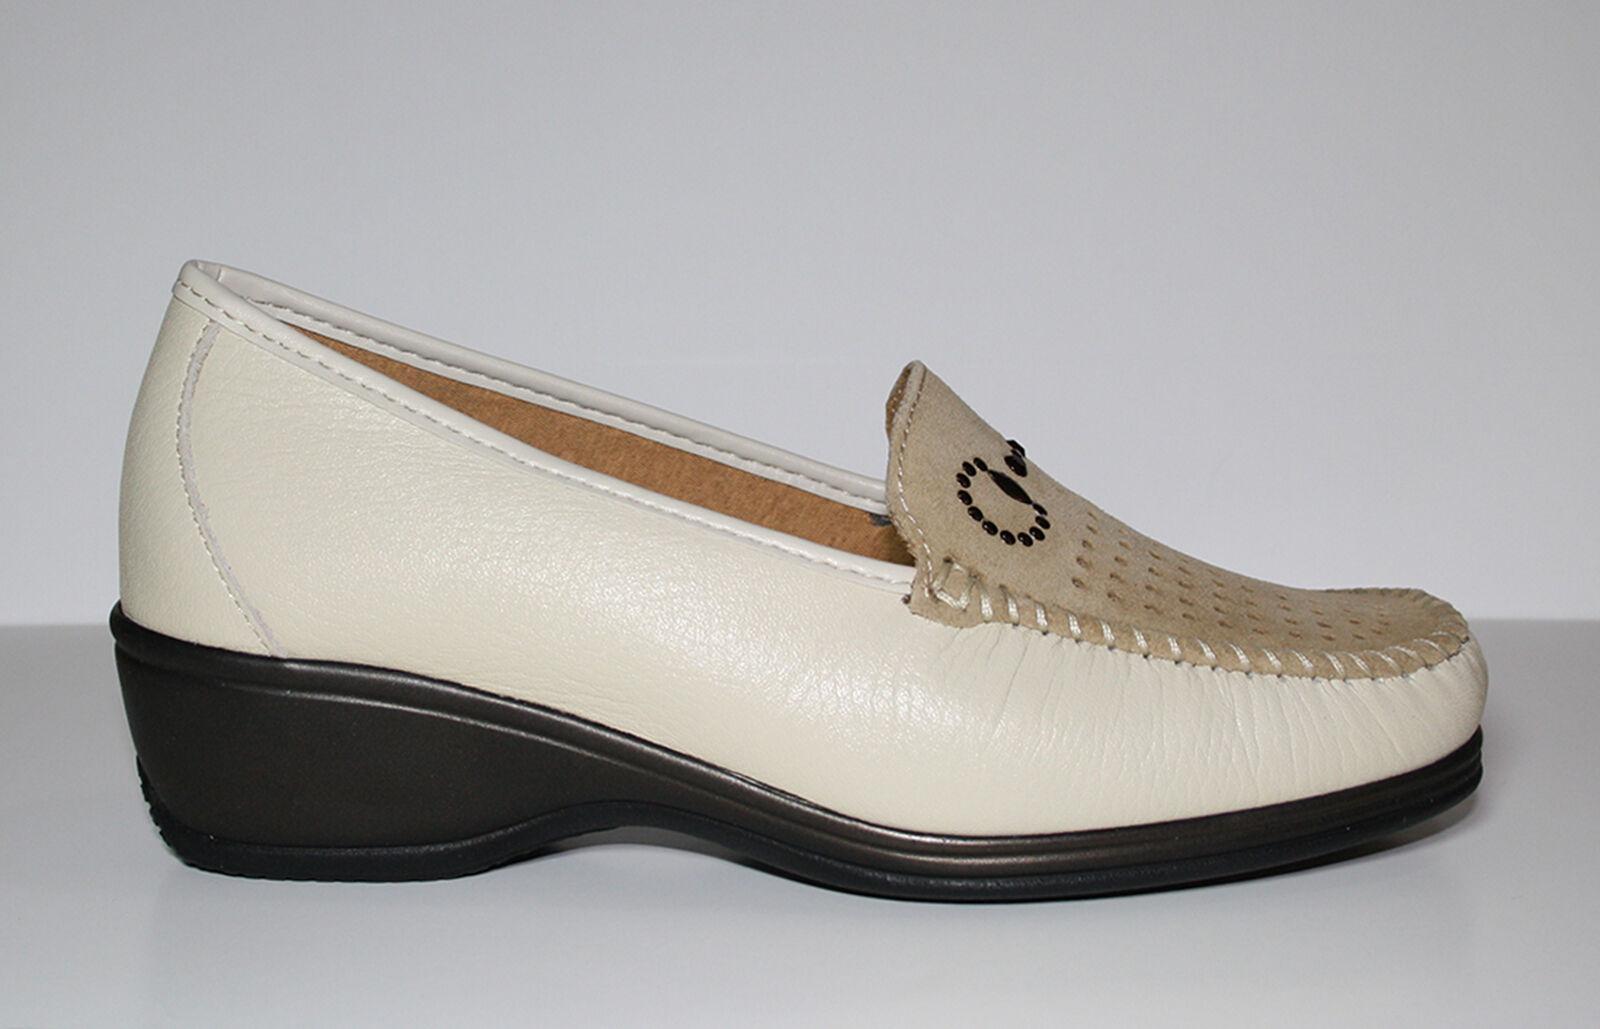 Benexa zapatos mujer mujer mujer Mocassino 7195 Melo Beige  Envío y cambio gratis.